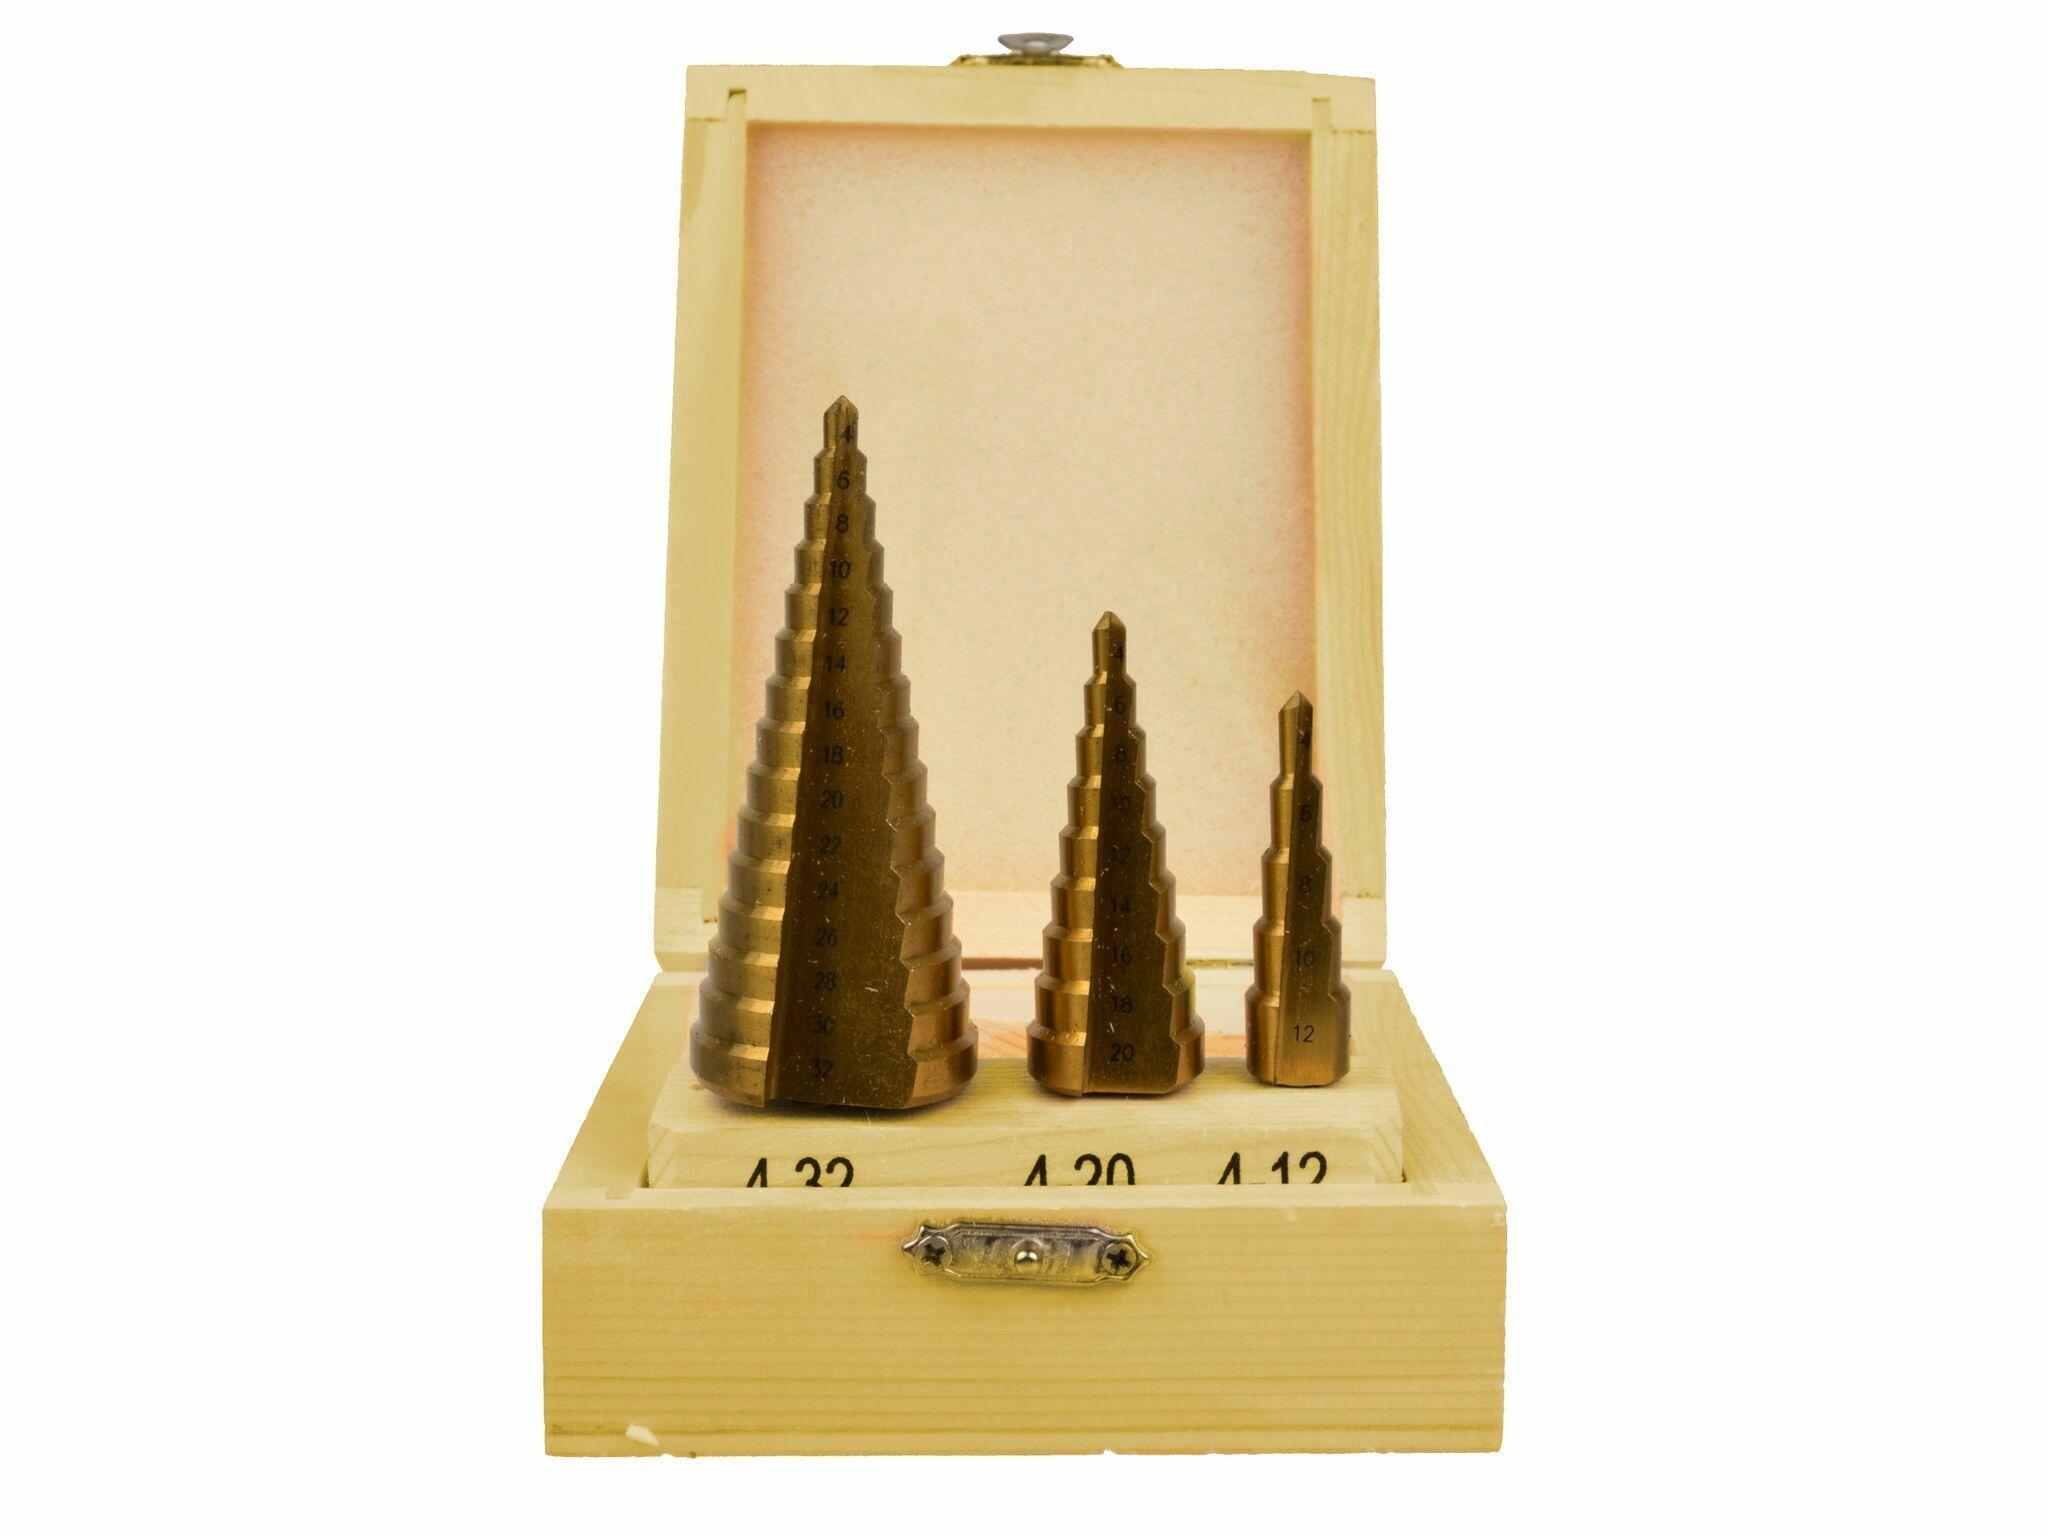 Vrtáky stupňovté, sada 3ks, 4-12mm, 4-20mm, 4-32mm, dřevěná kazeta, TiN, GEKO